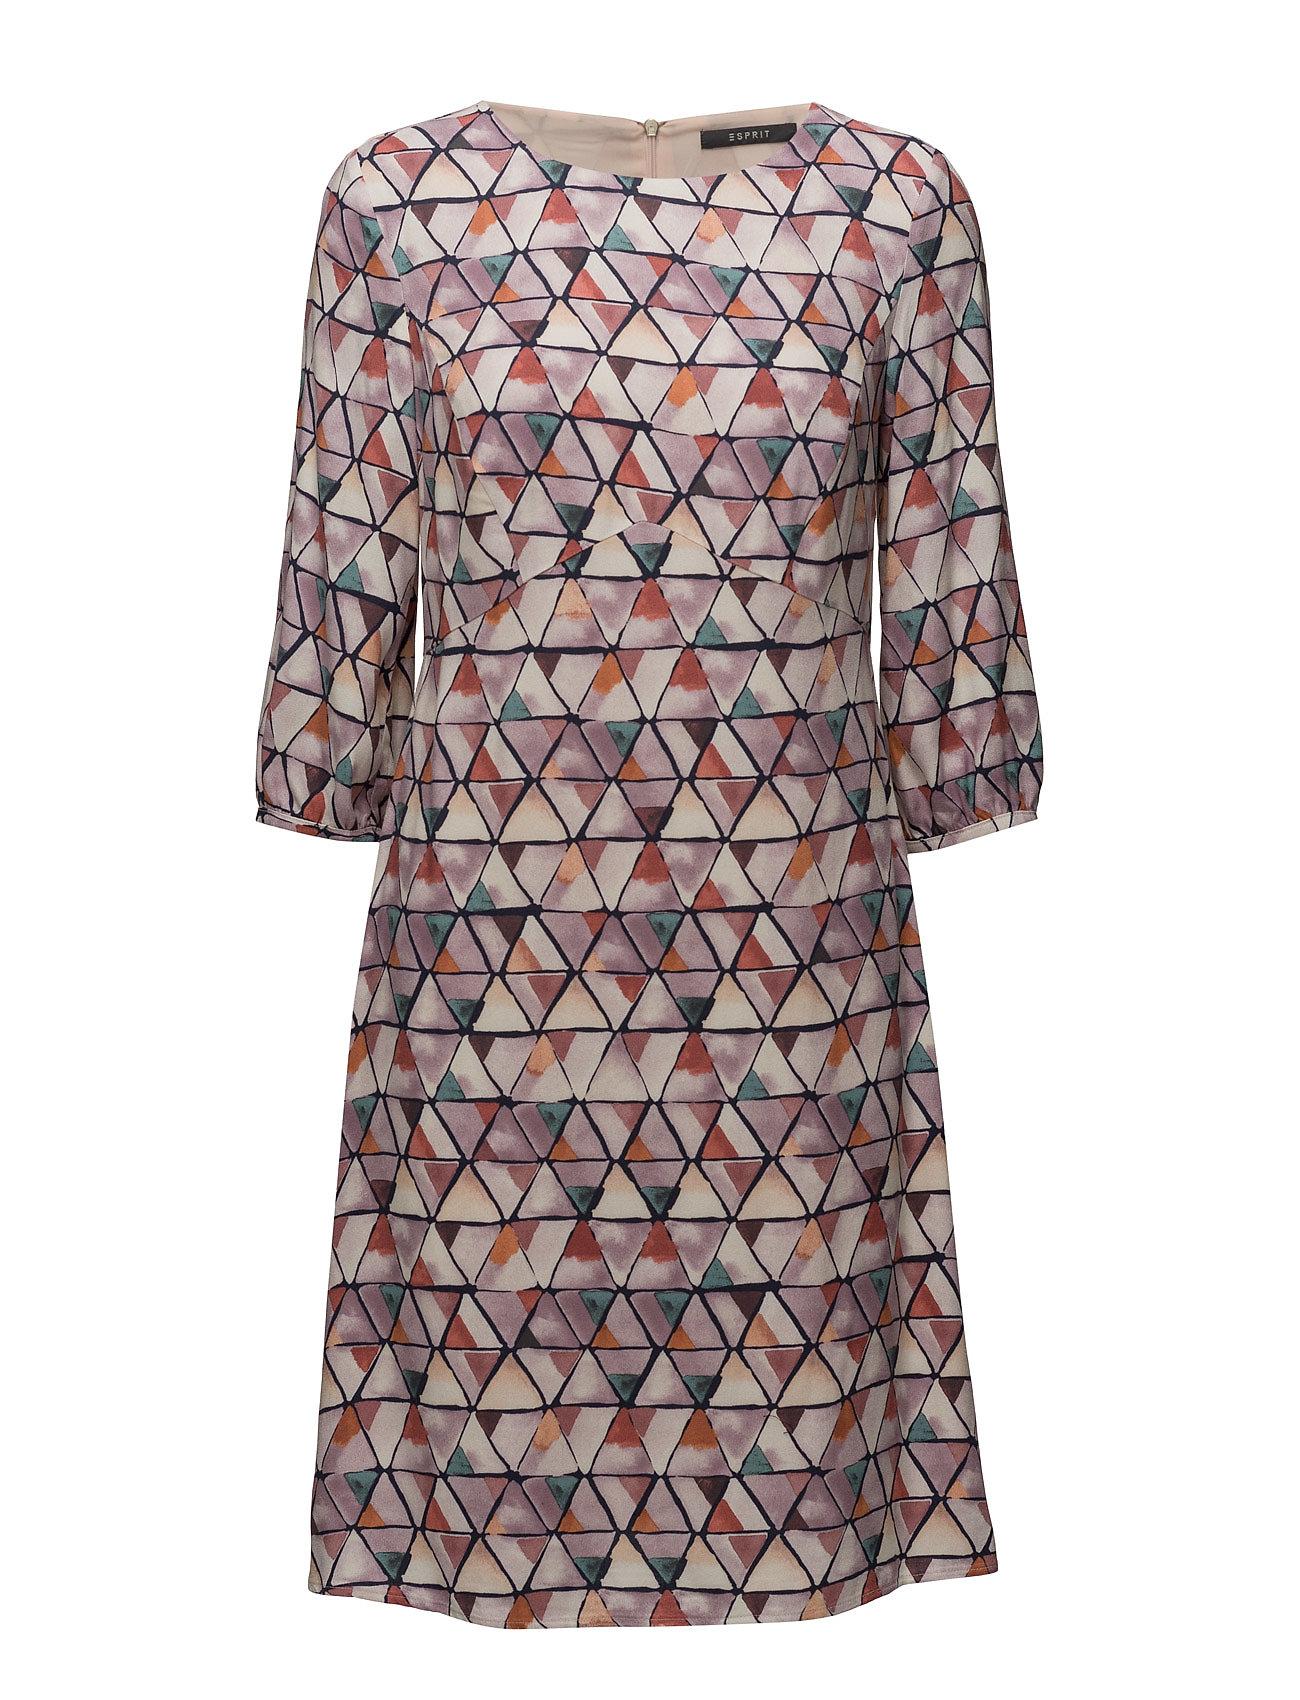 Esprit Collection Dresses Light Woven 317304037